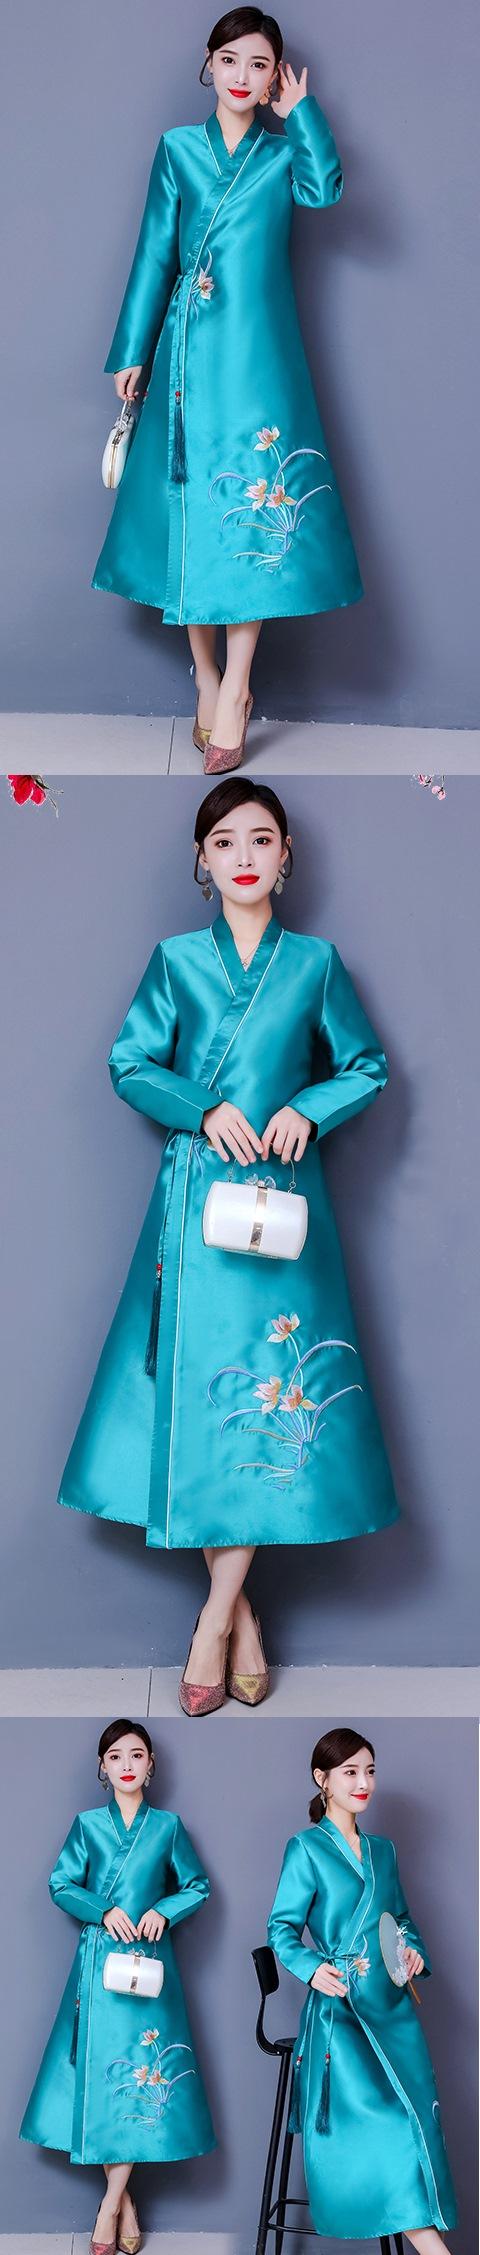 Modernized Hanfu-style Embroidery Long-sleeve Dress (RM)